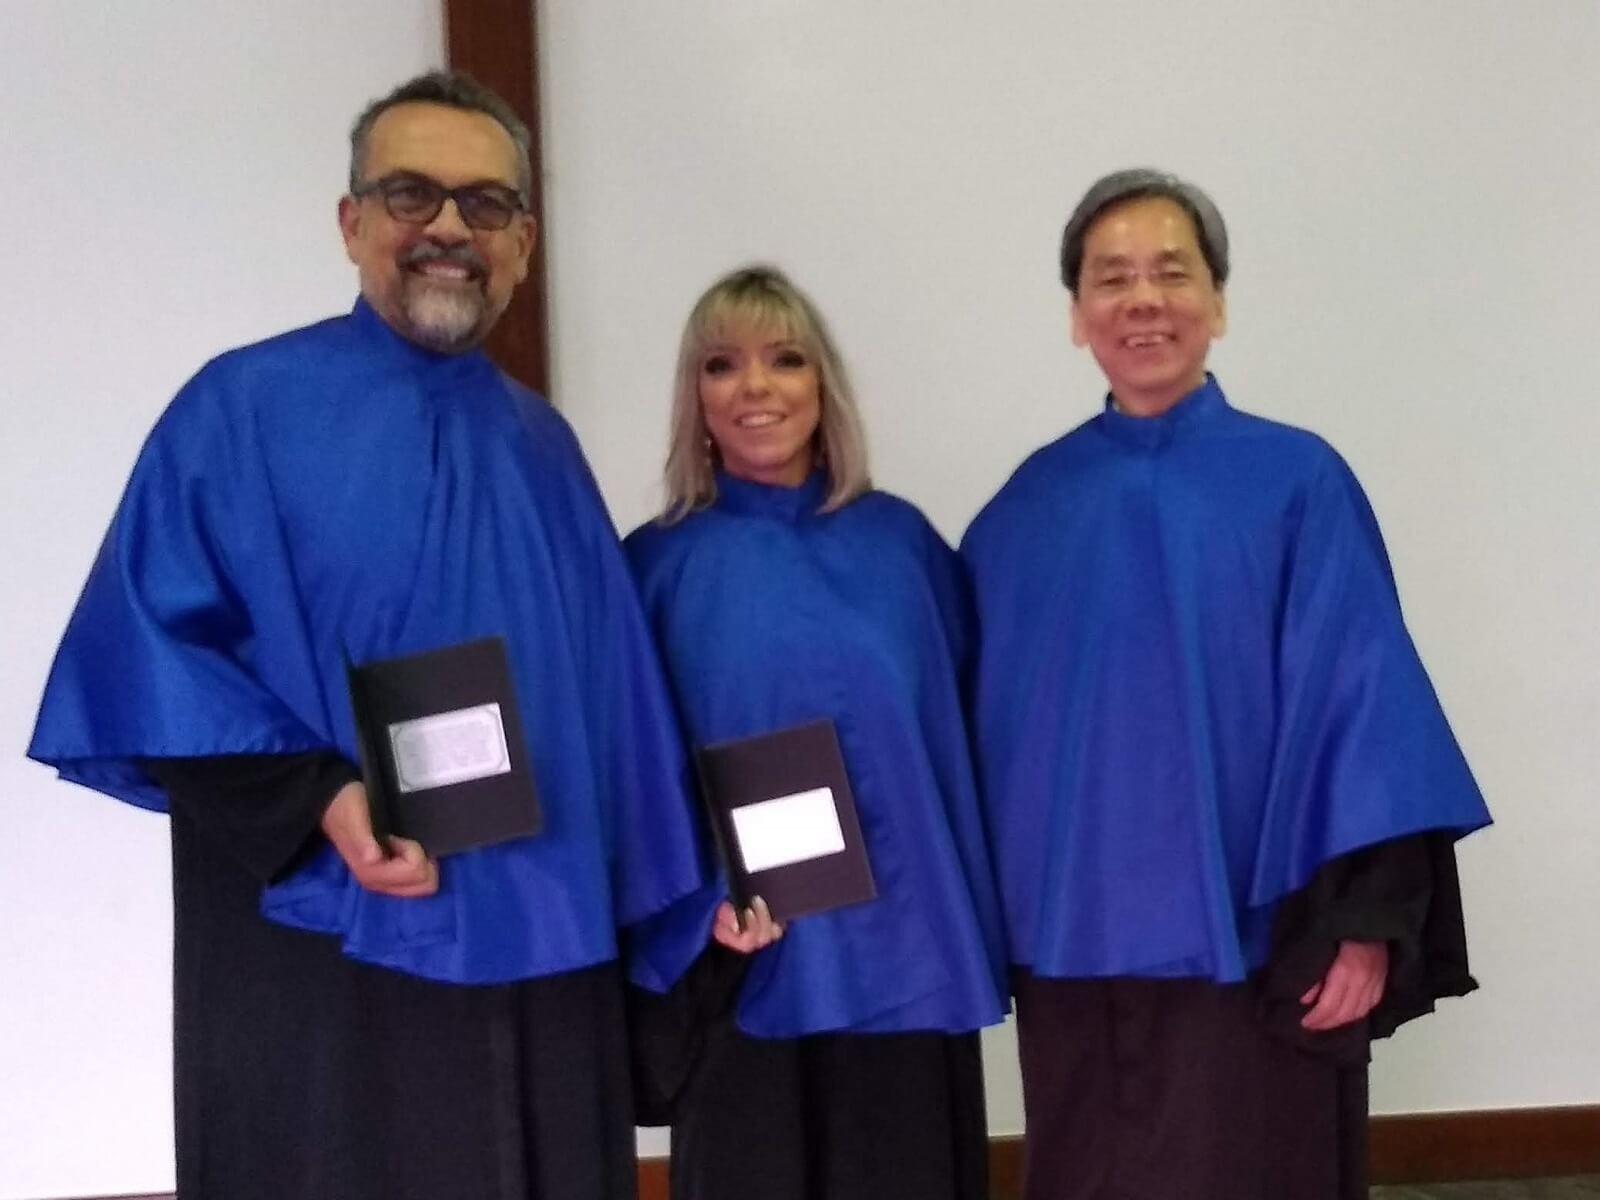 O Prof. Dr. Eng. Fernando Hideo Fukuda, CEO na Fukuda Solutions, celebrou com a Prof.a. Camilla Lobo Paulino e o Prof. Carlos Alberto Alves Lemos, as Homenagem dos Formandos em 2018-1 em Ciência da Computação, durante a Solenidade de Colação de Grau.